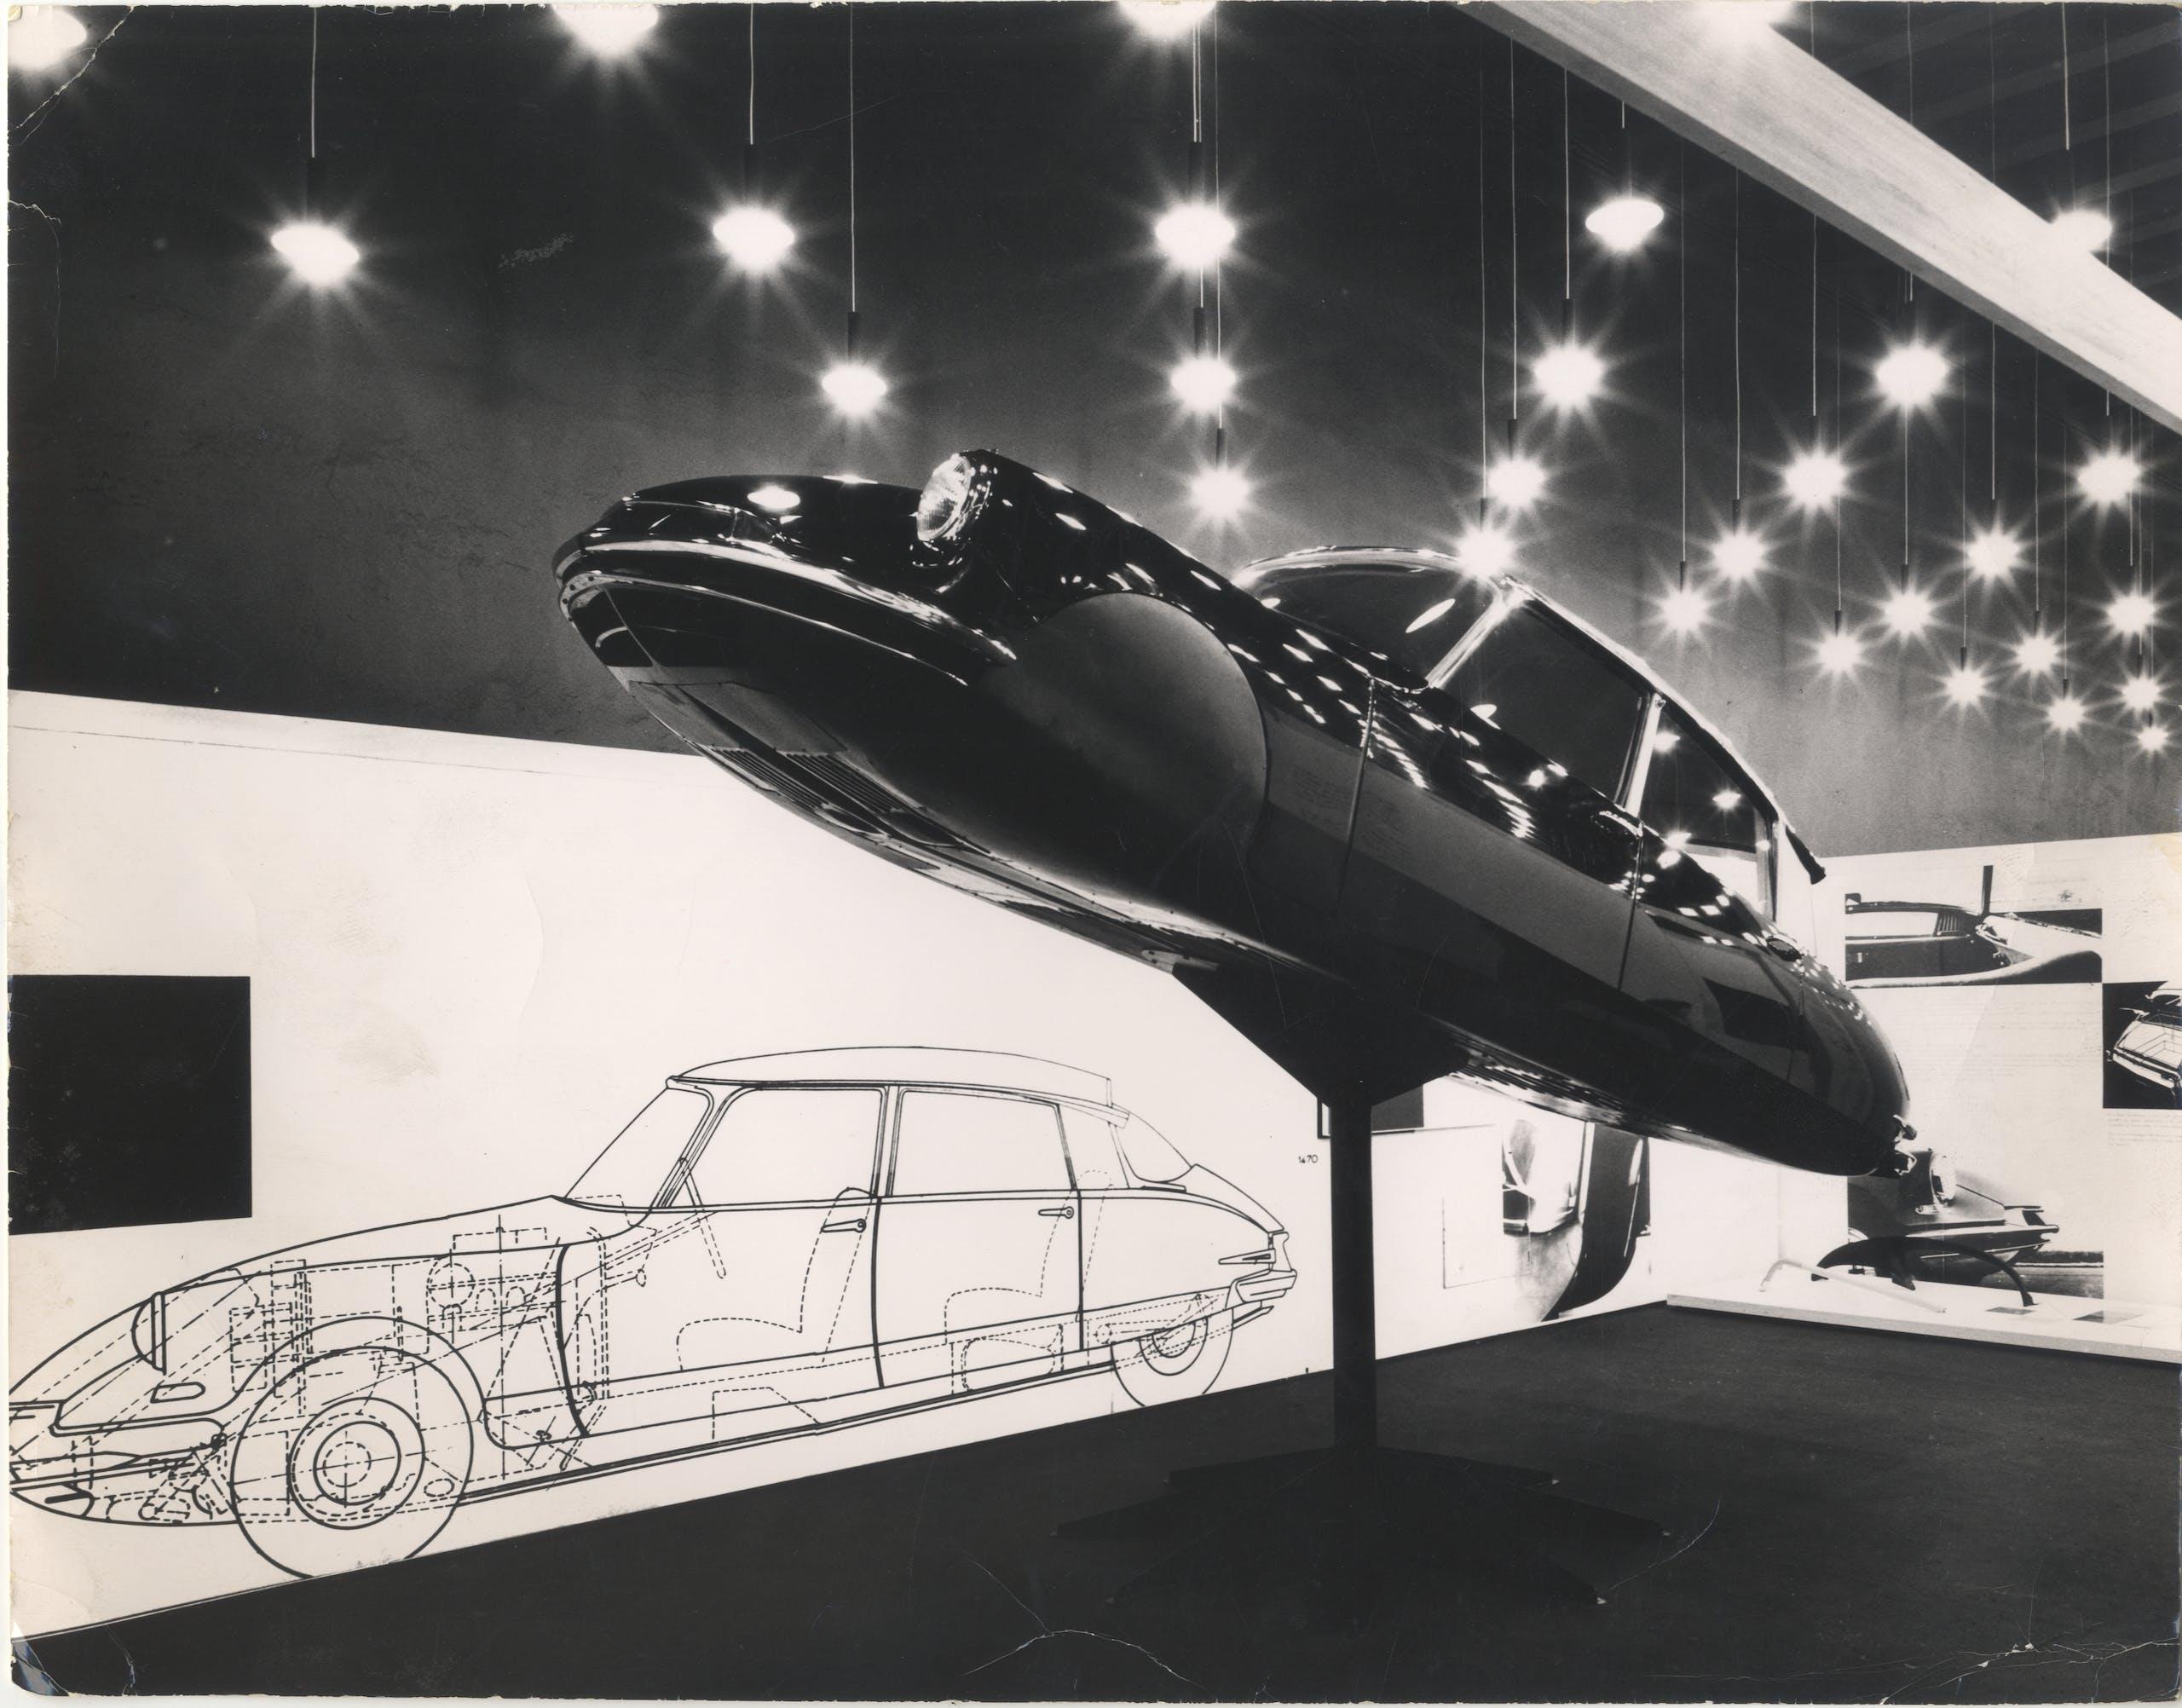 La Citroen DS19 nella Mostra internazionale dell'Industrial Design, XI Triennale, 1957. Foto Fotogramma © Triennale Milano